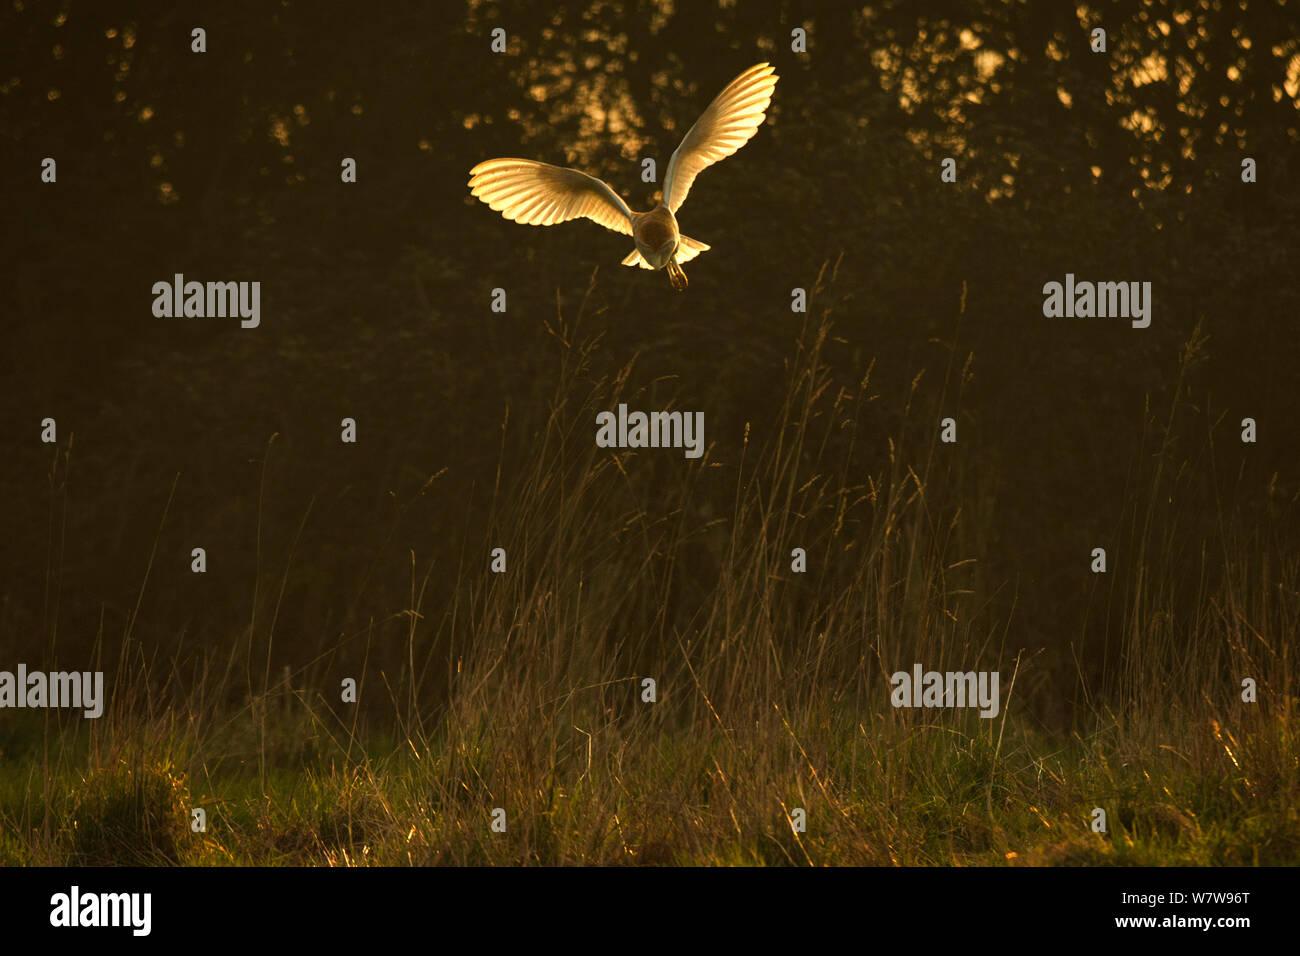 Schleiereule (Tyto Alba) Jagd im späten Sonnenlicht, UK, März. Stockfoto